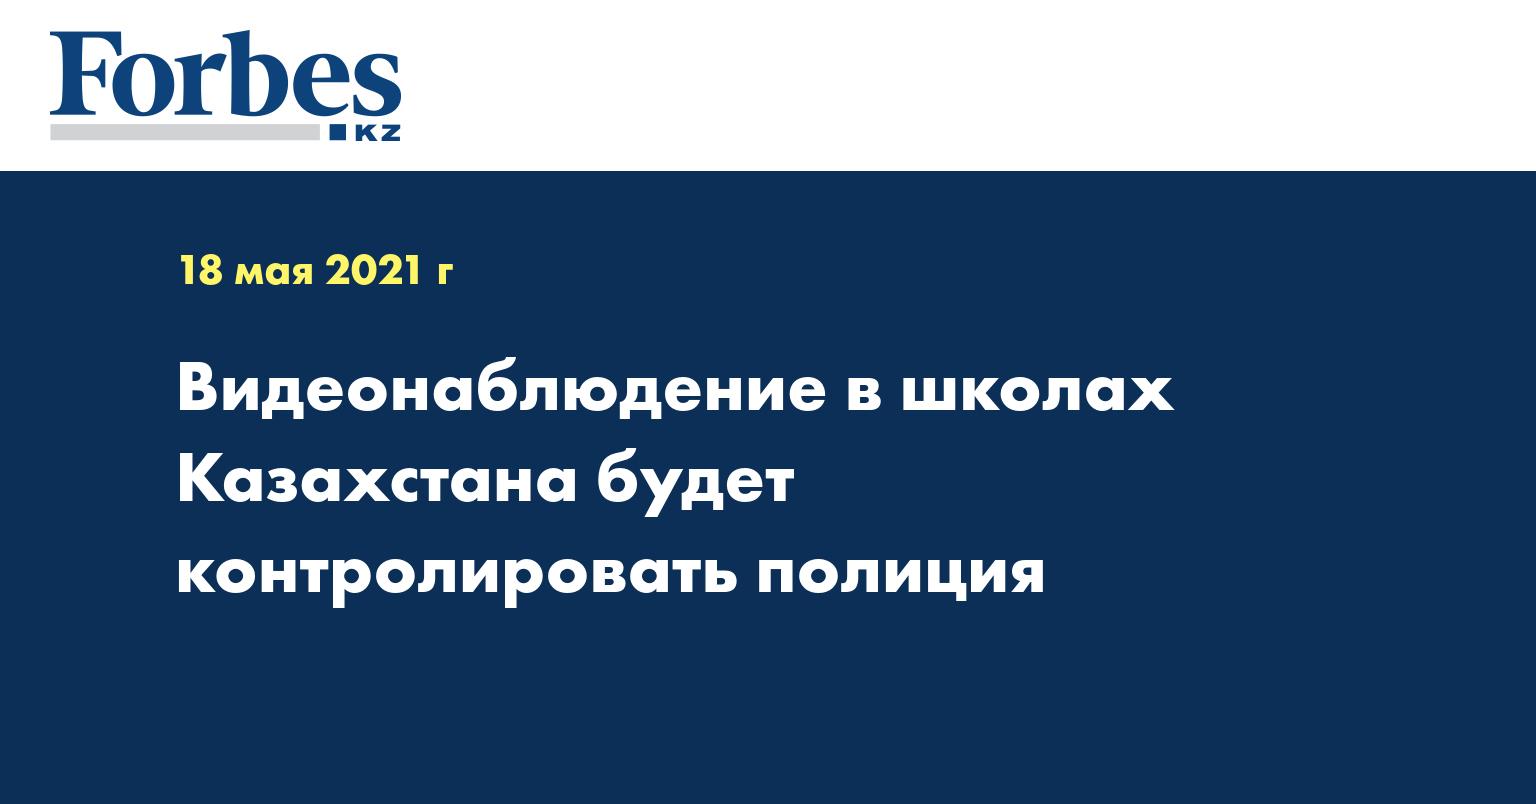 Видеонаблюдение в школах Казахстана будет контролировать полиция